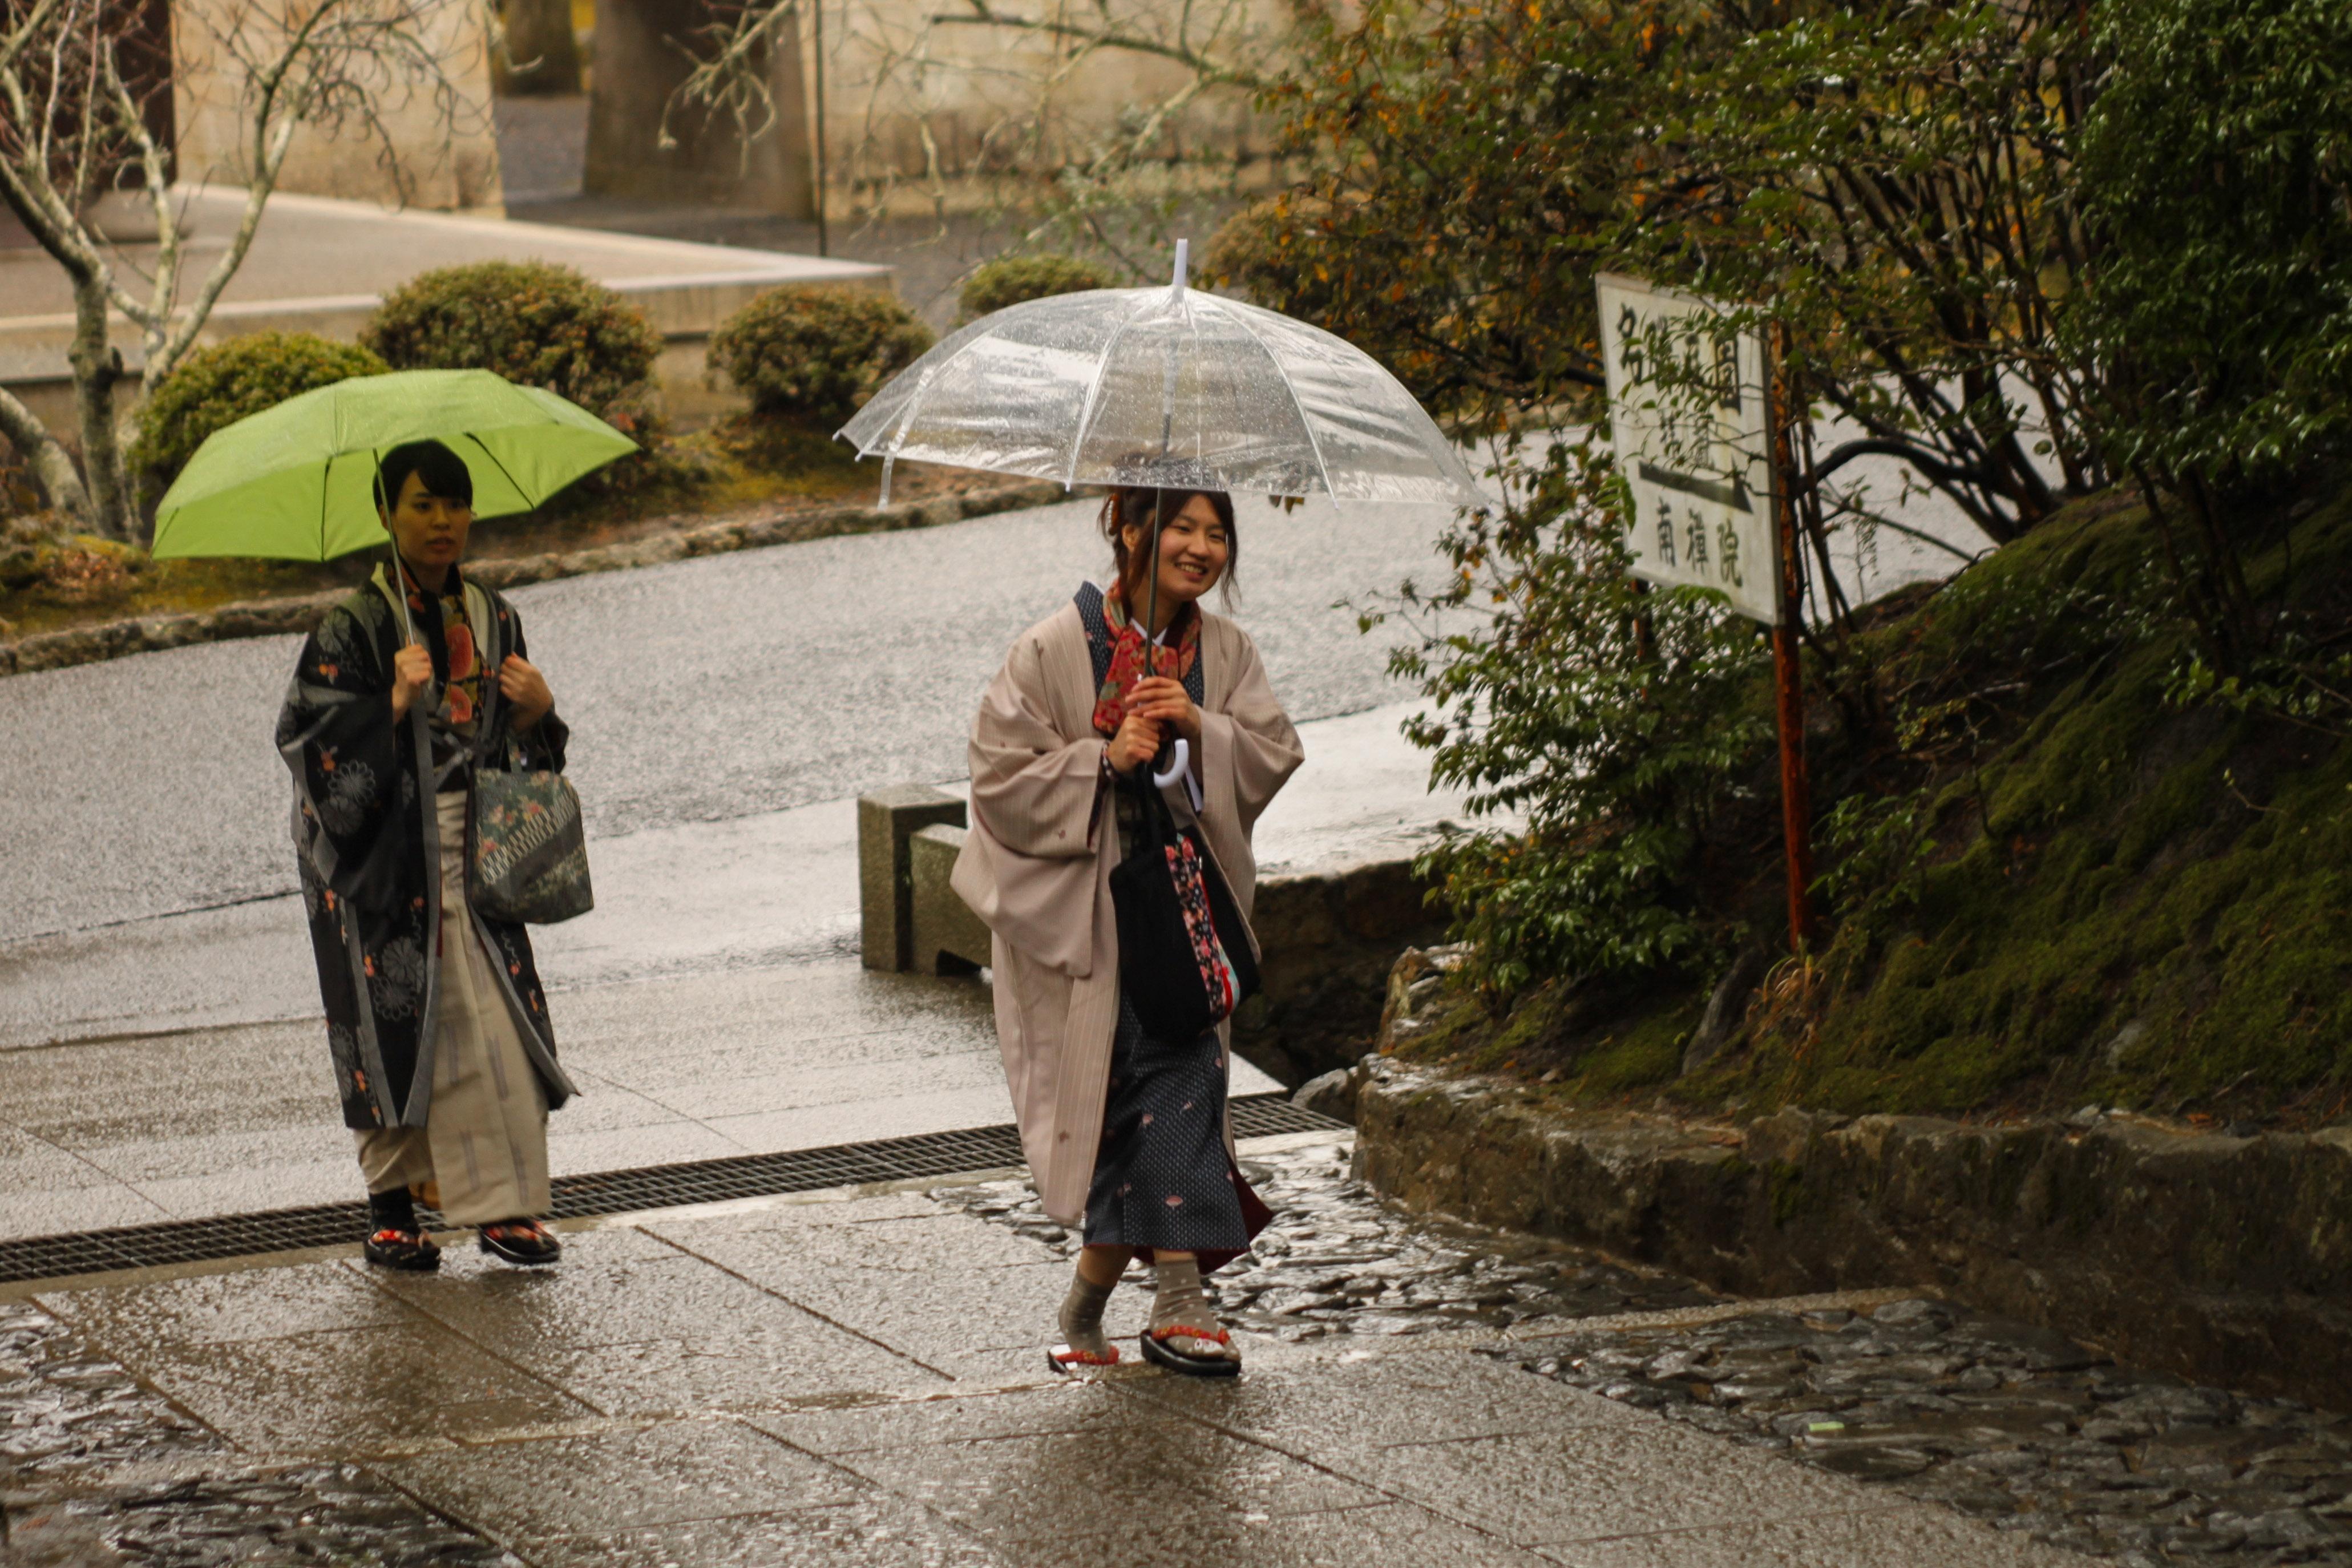 Tokyo va hanh trinh kham pha nhip song thuong ngay o Nhat Ban hinh anh 71